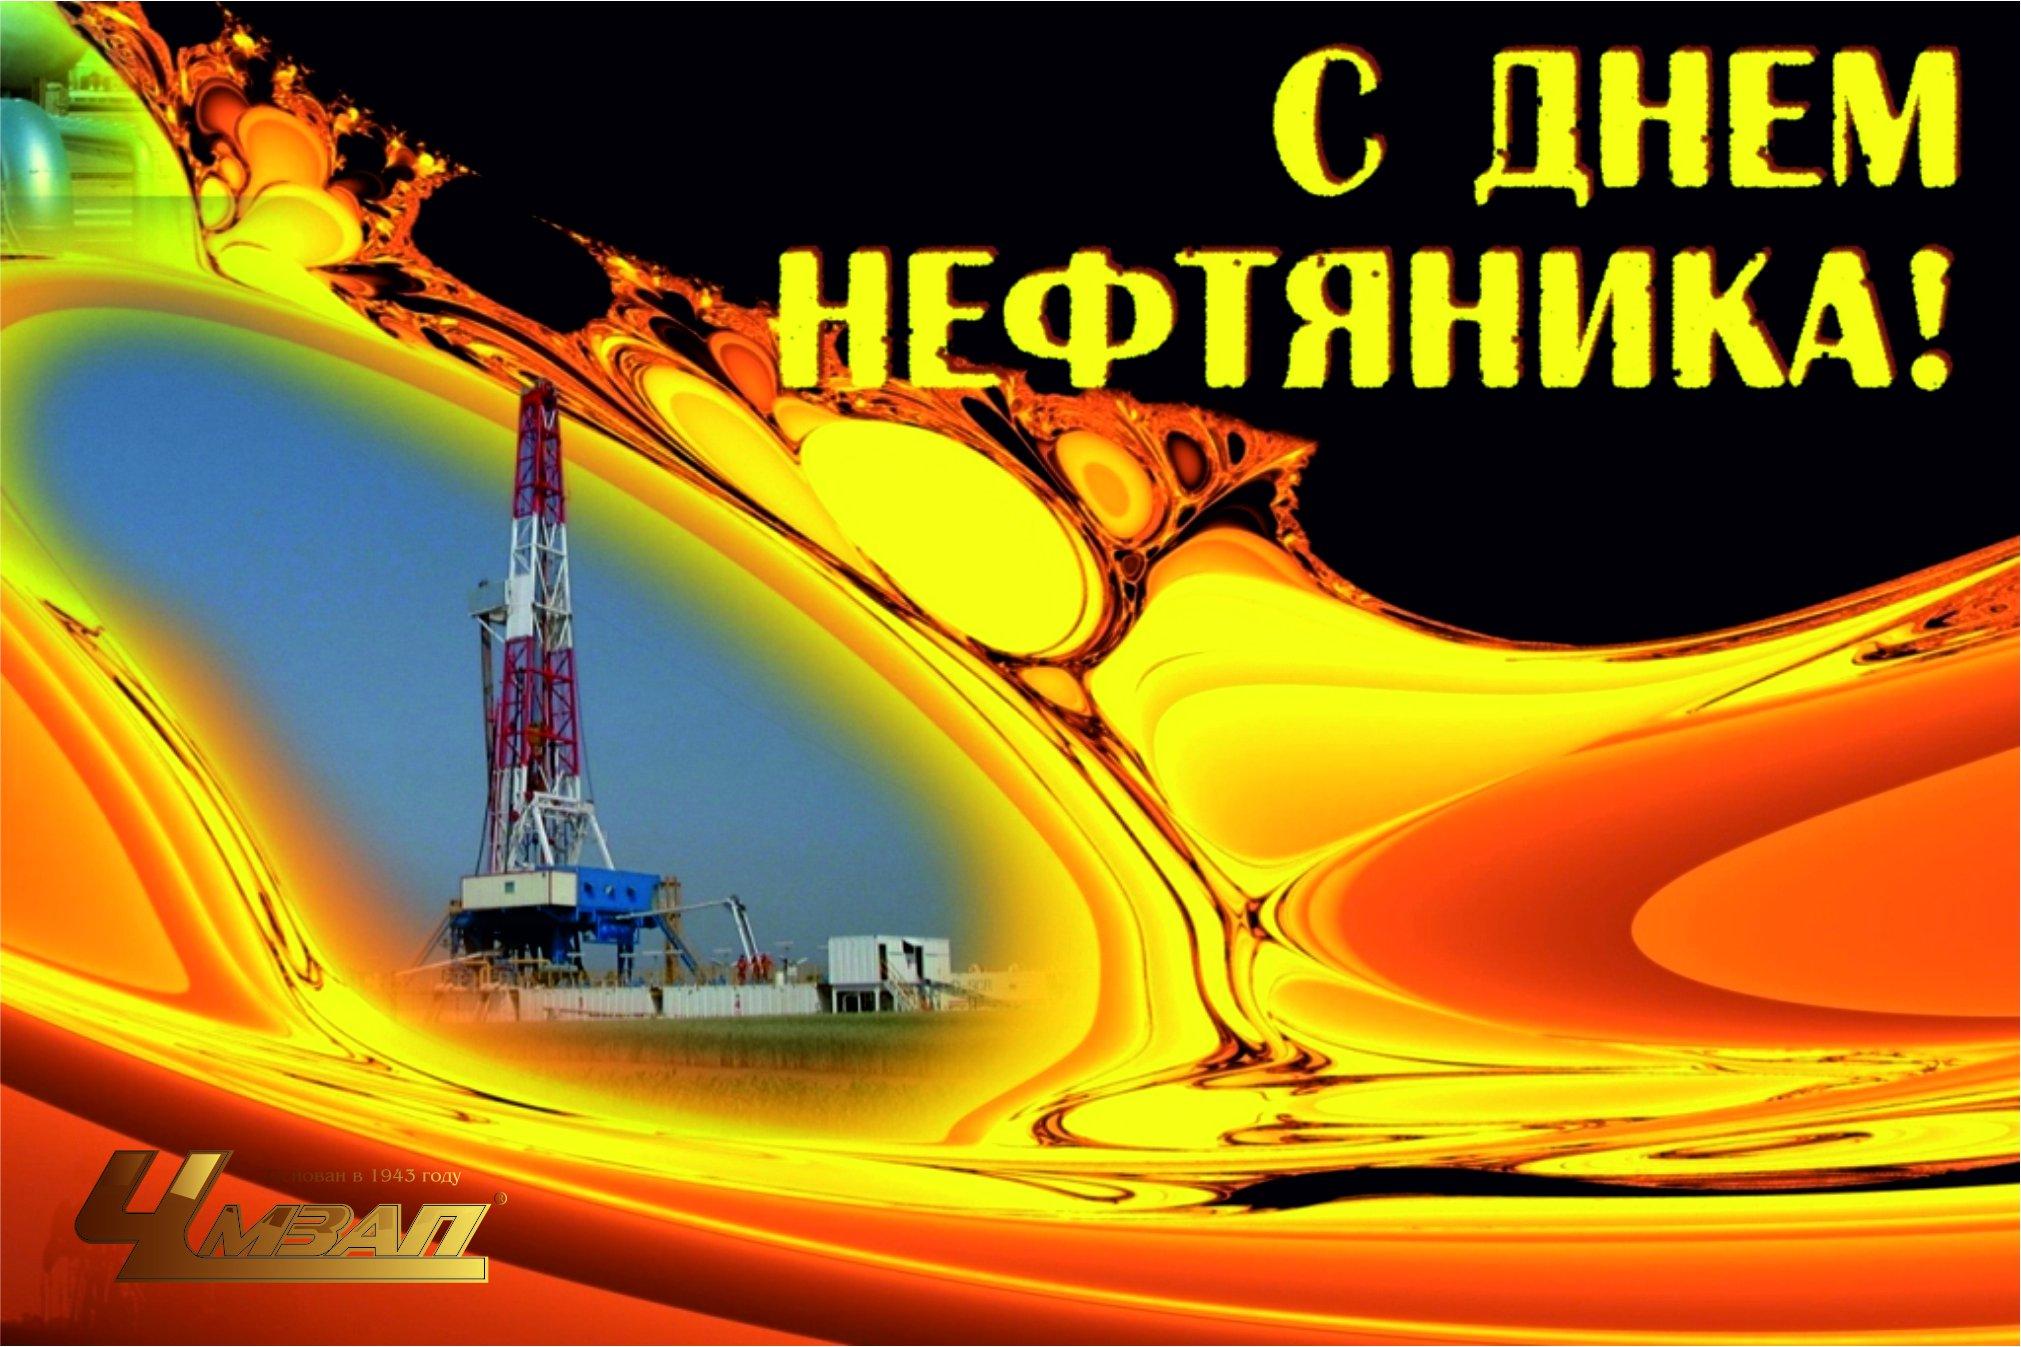 Открытки Открытки на День работников нефтяной, газовой и топливной промышленности скачать бесплатно. Открытки с днем нефтяника скачать бесплатно. Поздравления на день газовика. Открытки с пожеланиями коллеге на день нефтяника. Открытки на День работников нефтяной, газовой и топливной промышленности.